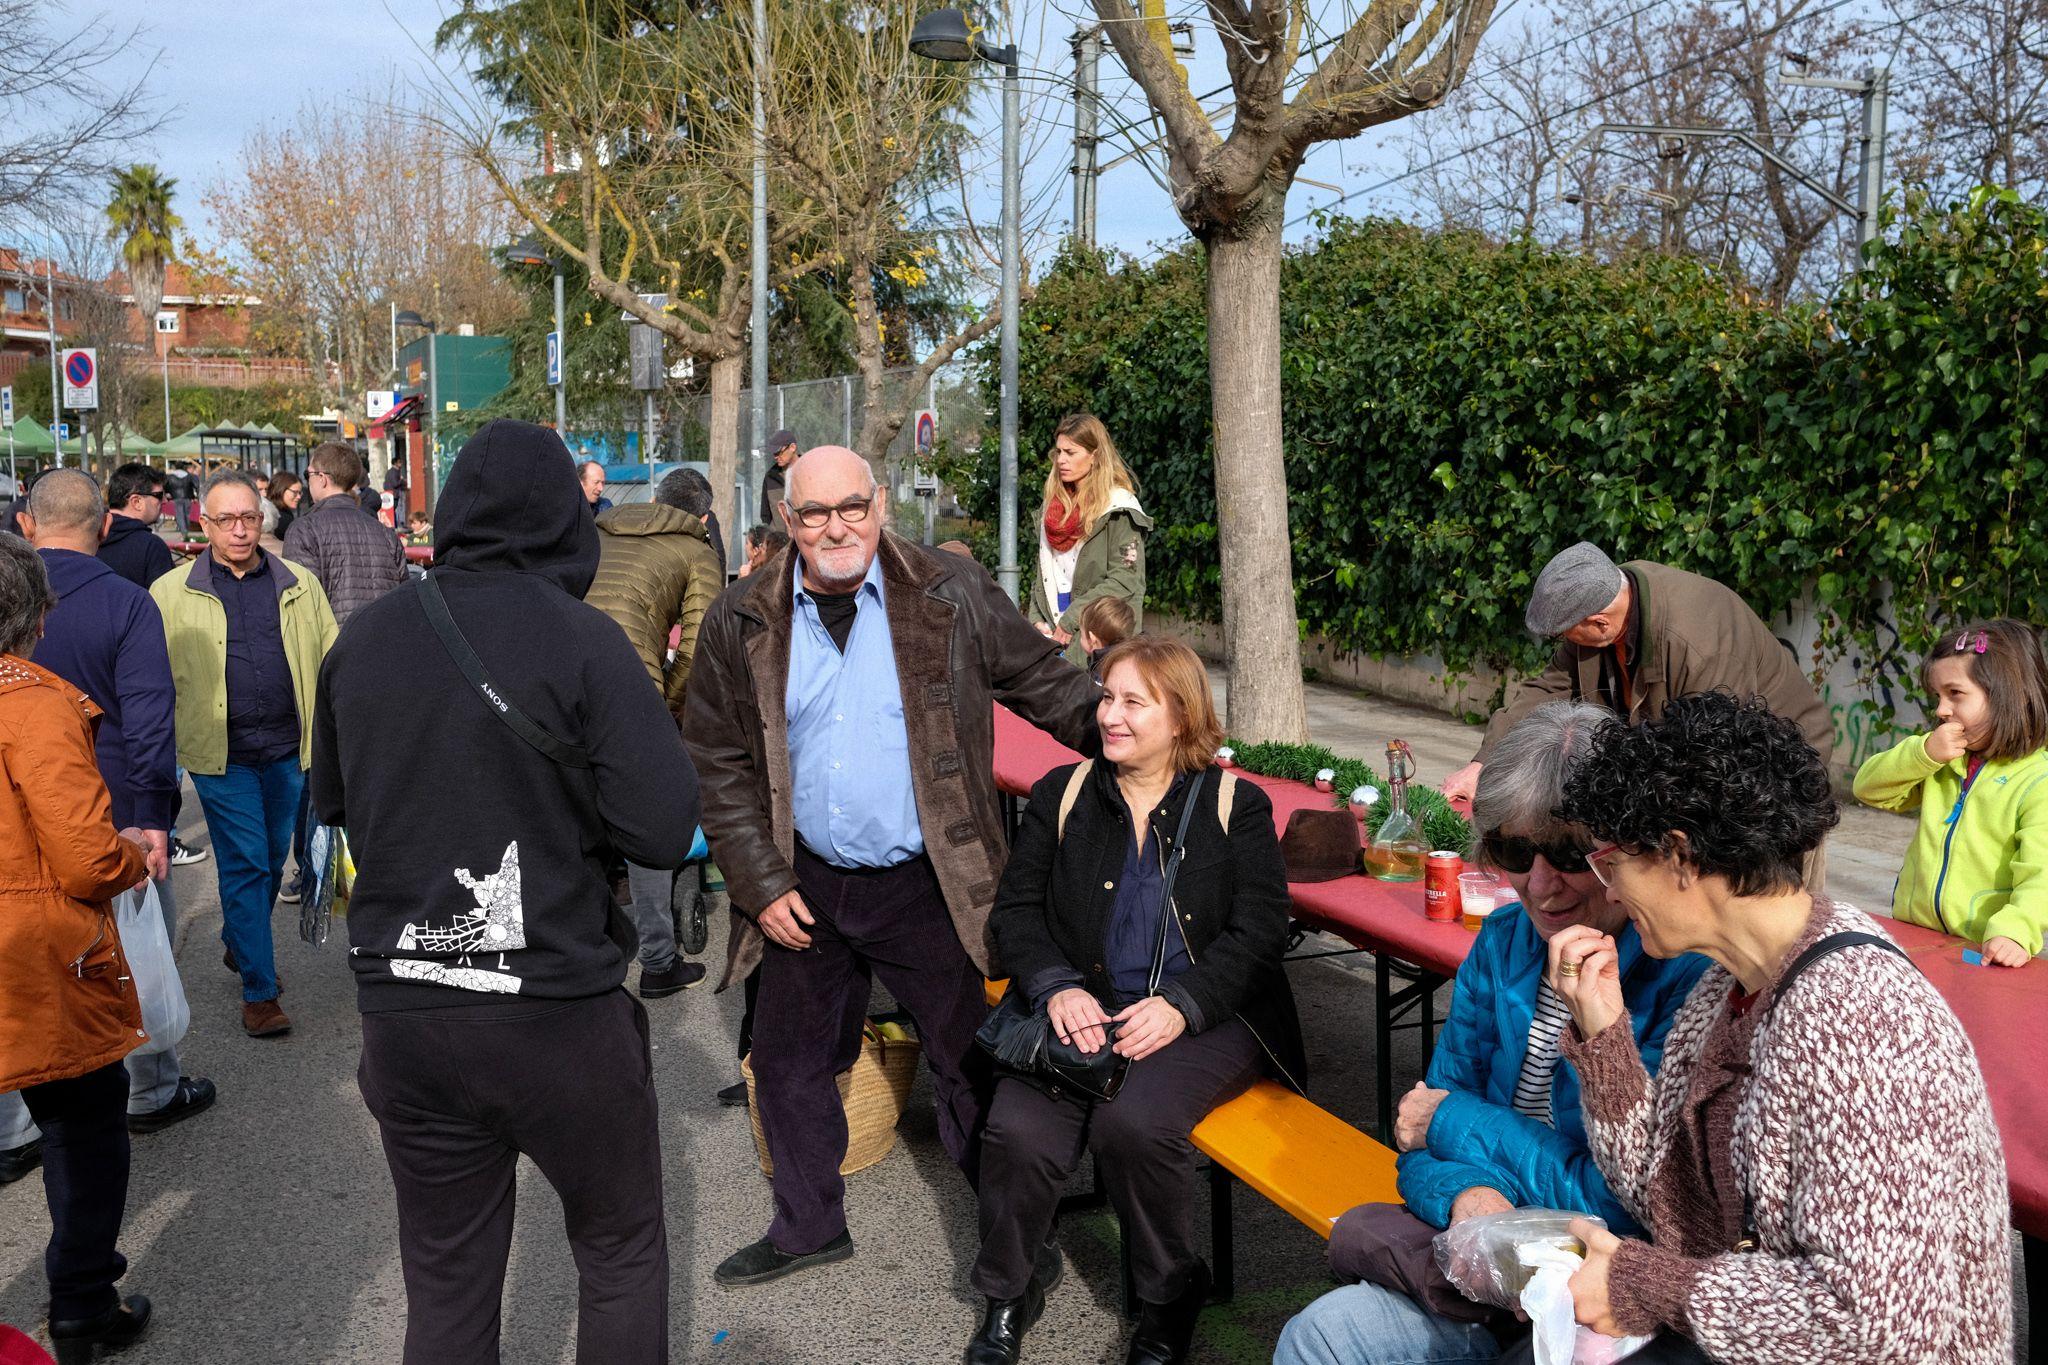 Escudella popular al mercat de Valldoreix. FOTO: Ale Gómez